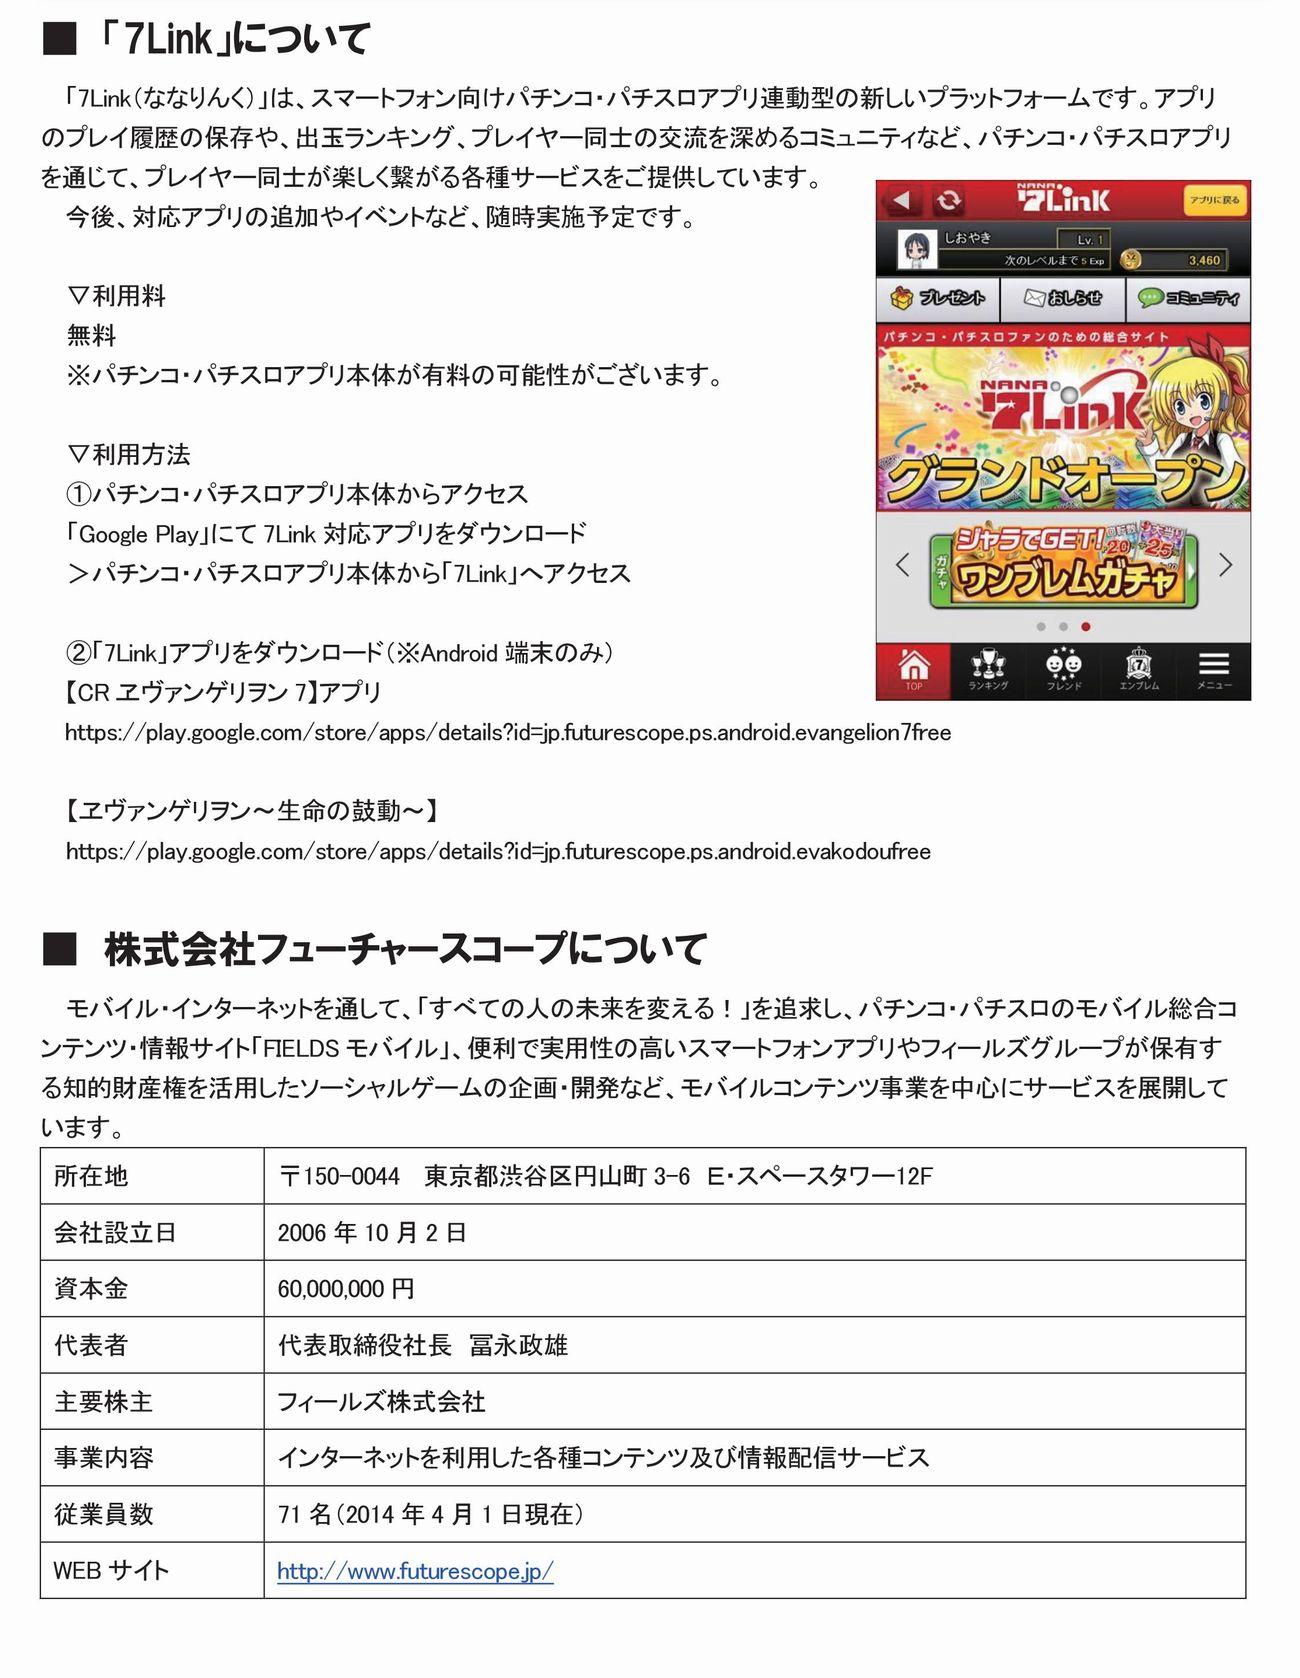 2アプリ無料配信&7Link搭載プレスリリース-003